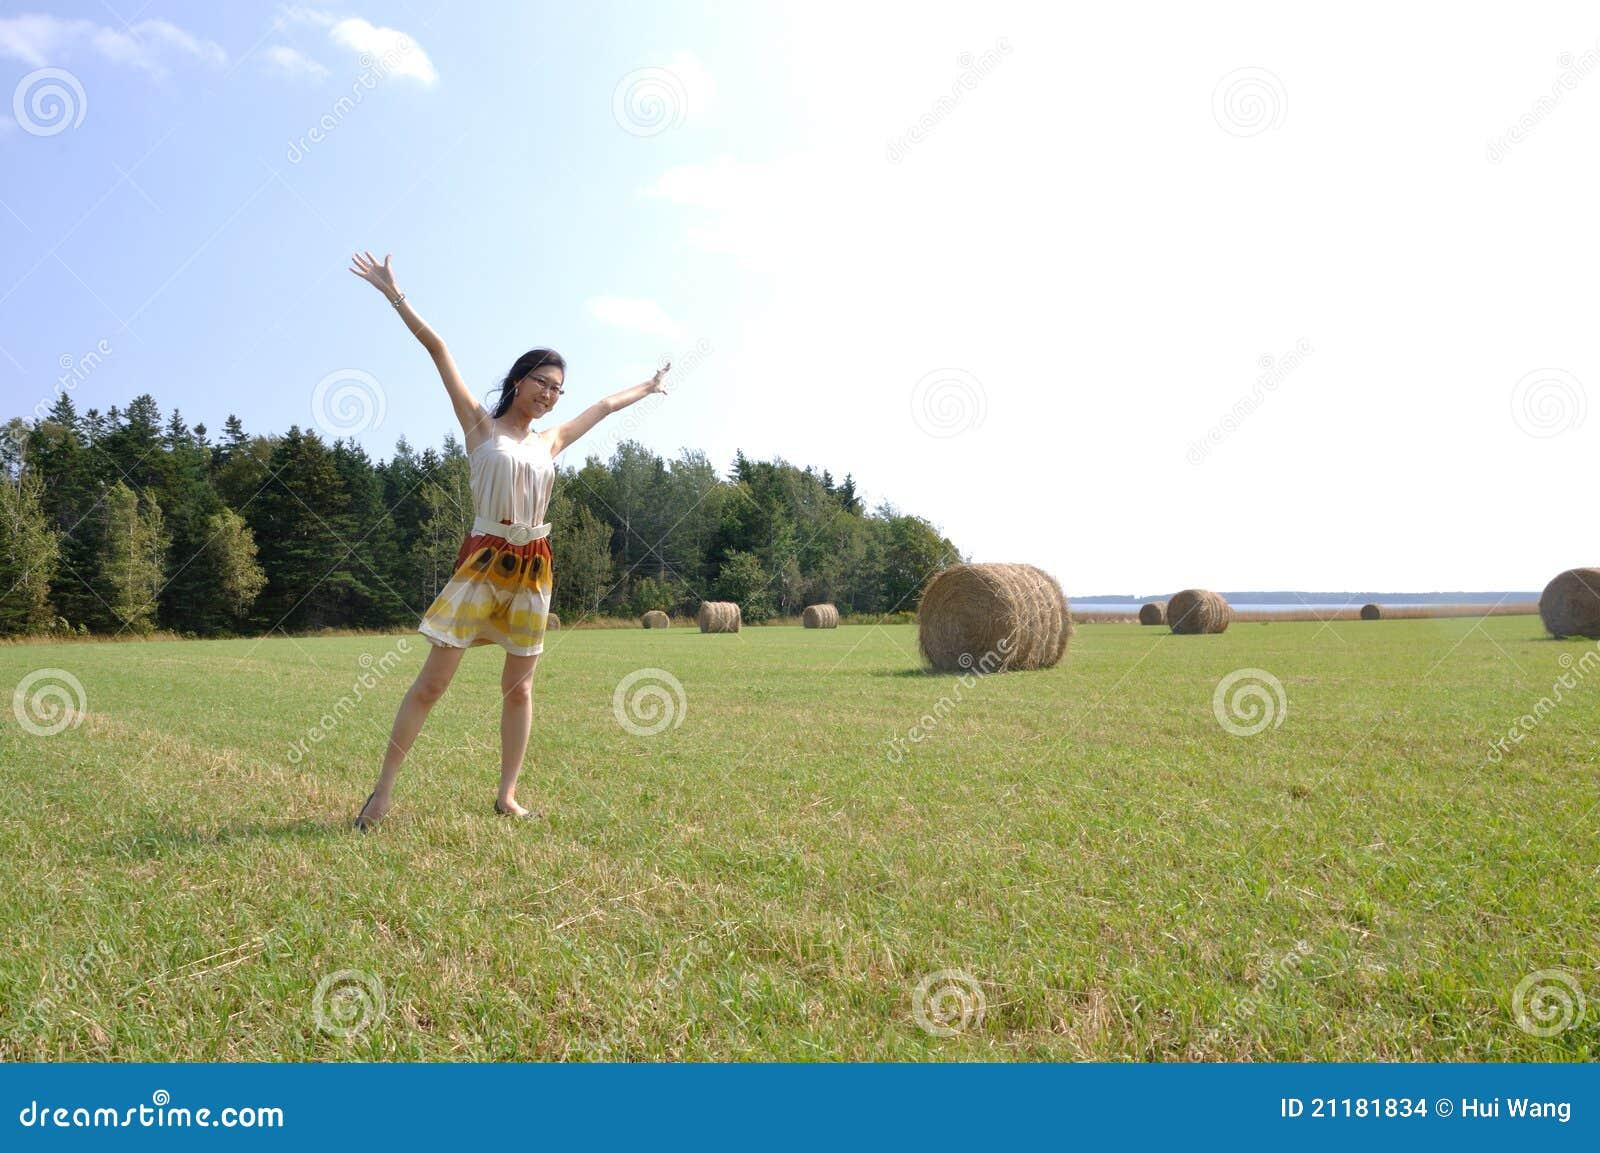 Dancing on a farm field